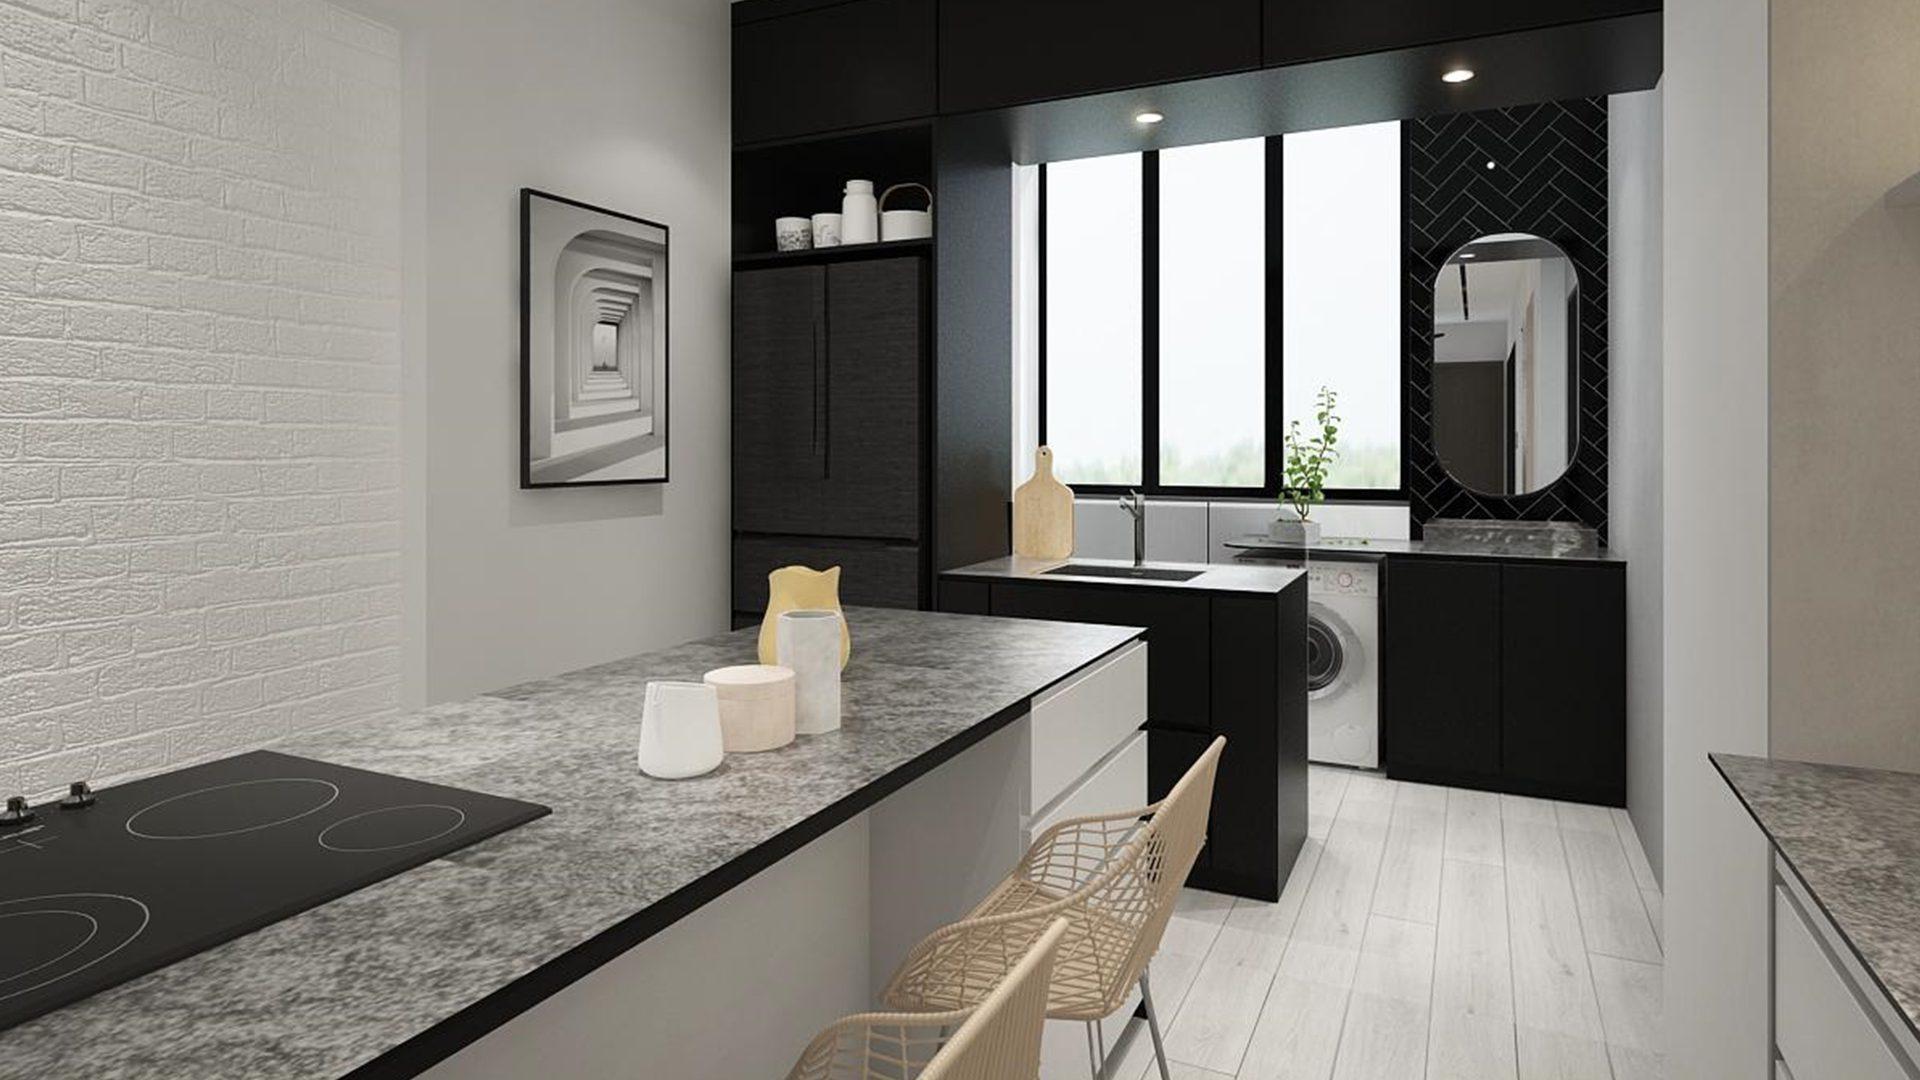 49 Dorset Road_sample interior design(1920x1080)_Home Quarters SG_KC Ng Keng Chong-1